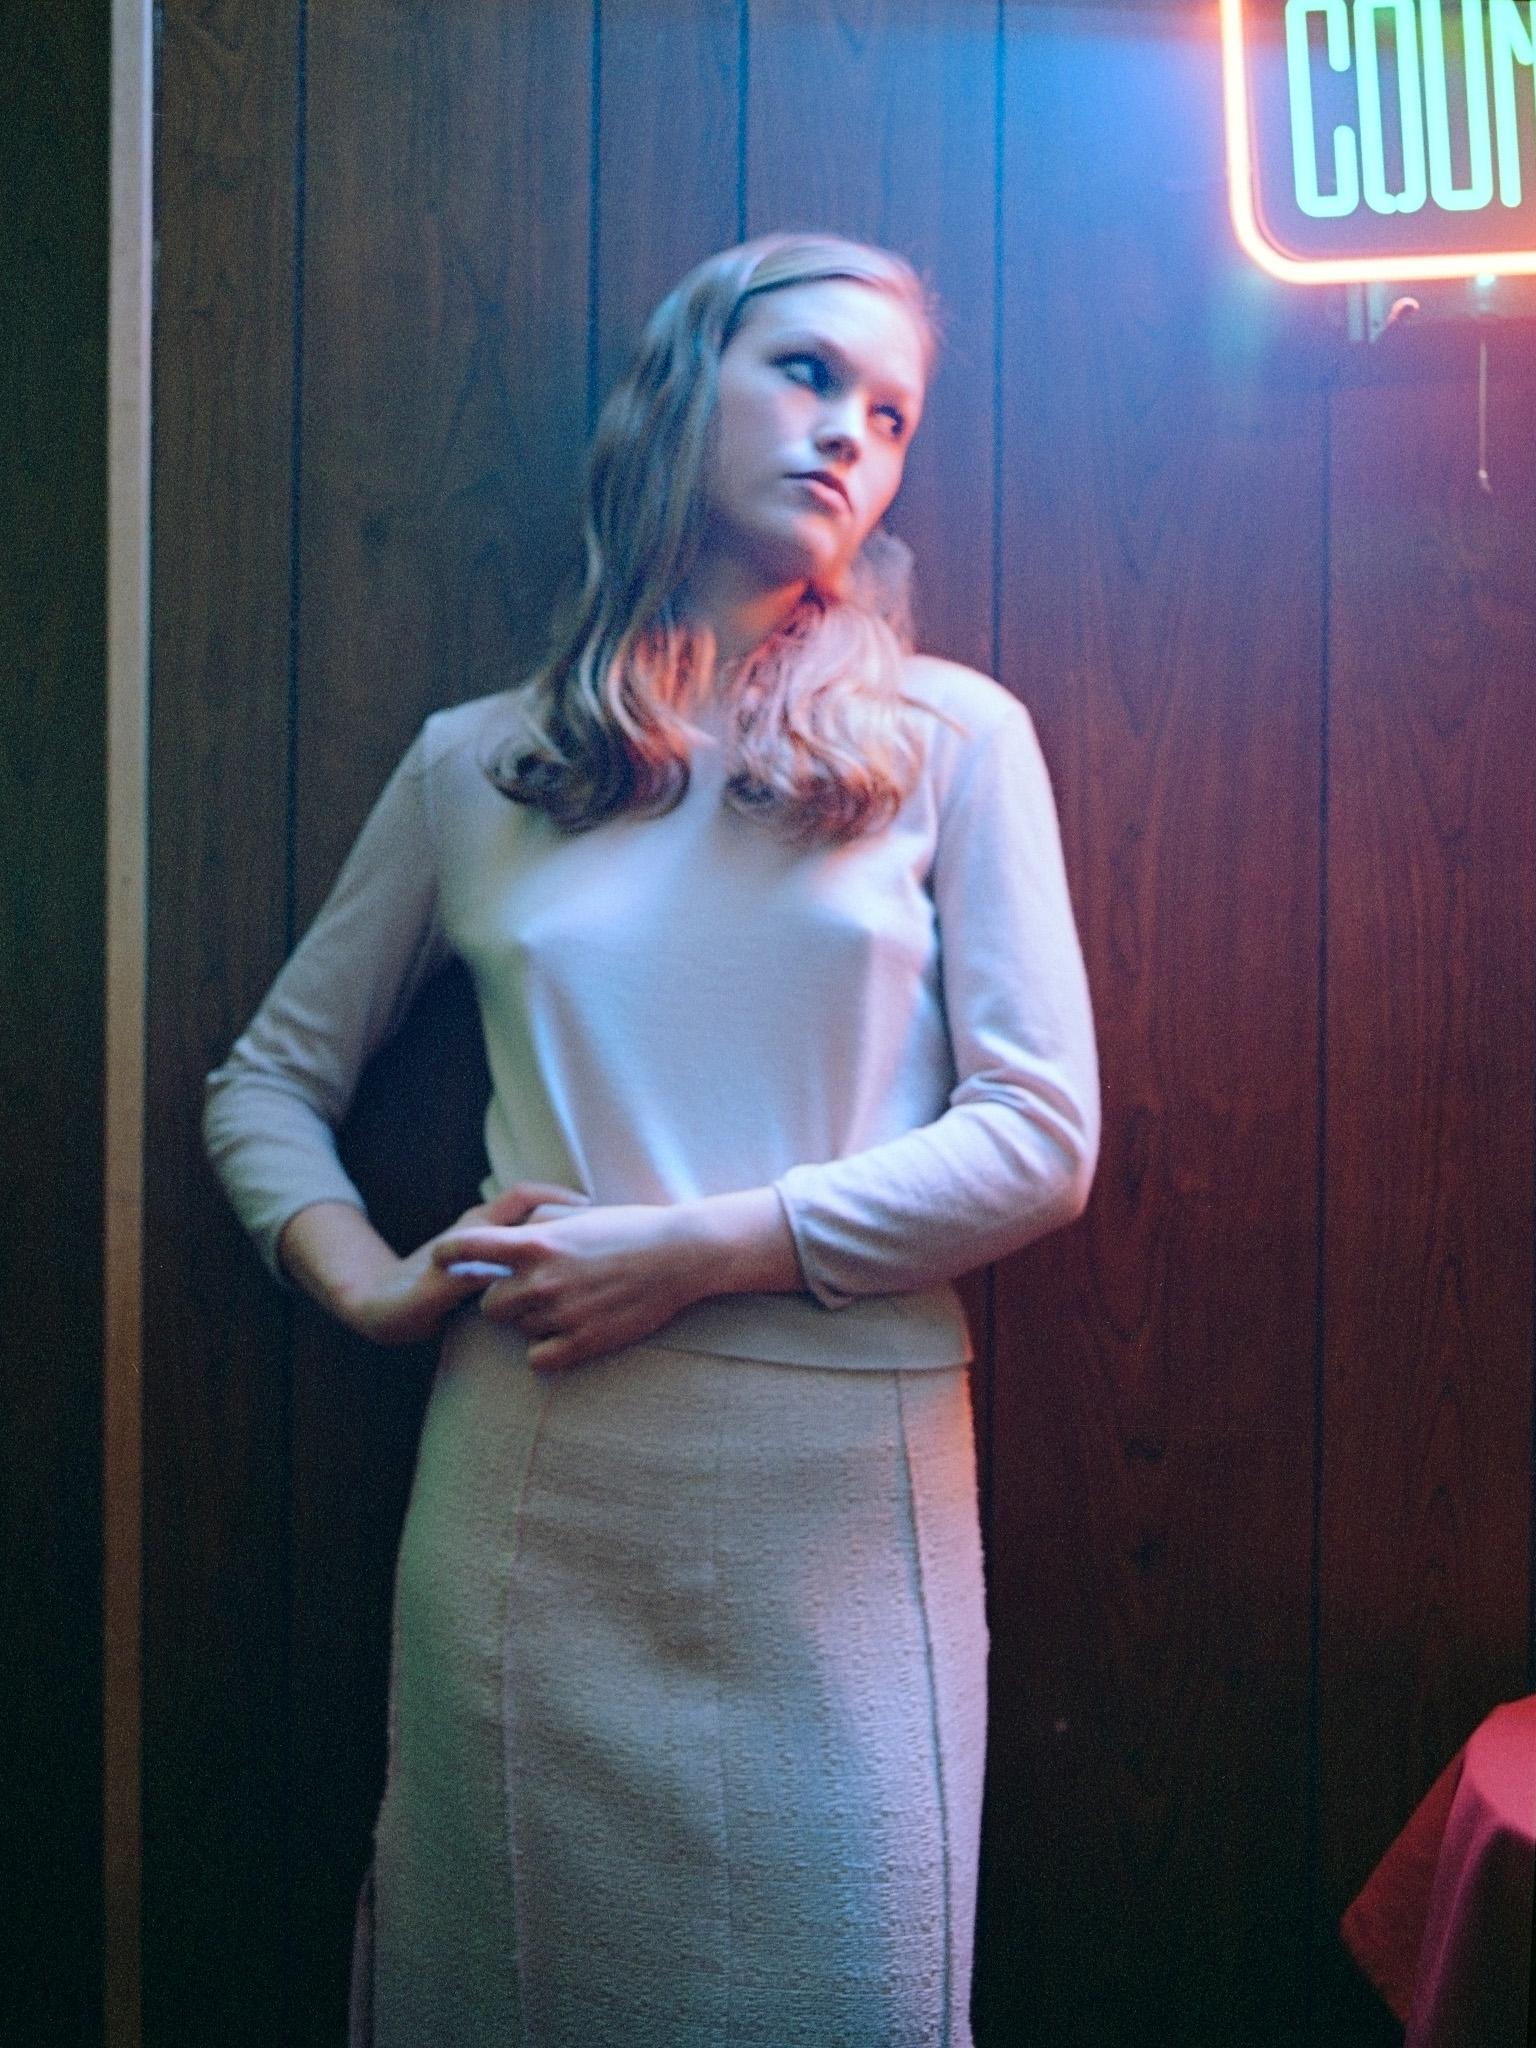 Julia Styles photographed by Patrik Andersson in Van Nuys